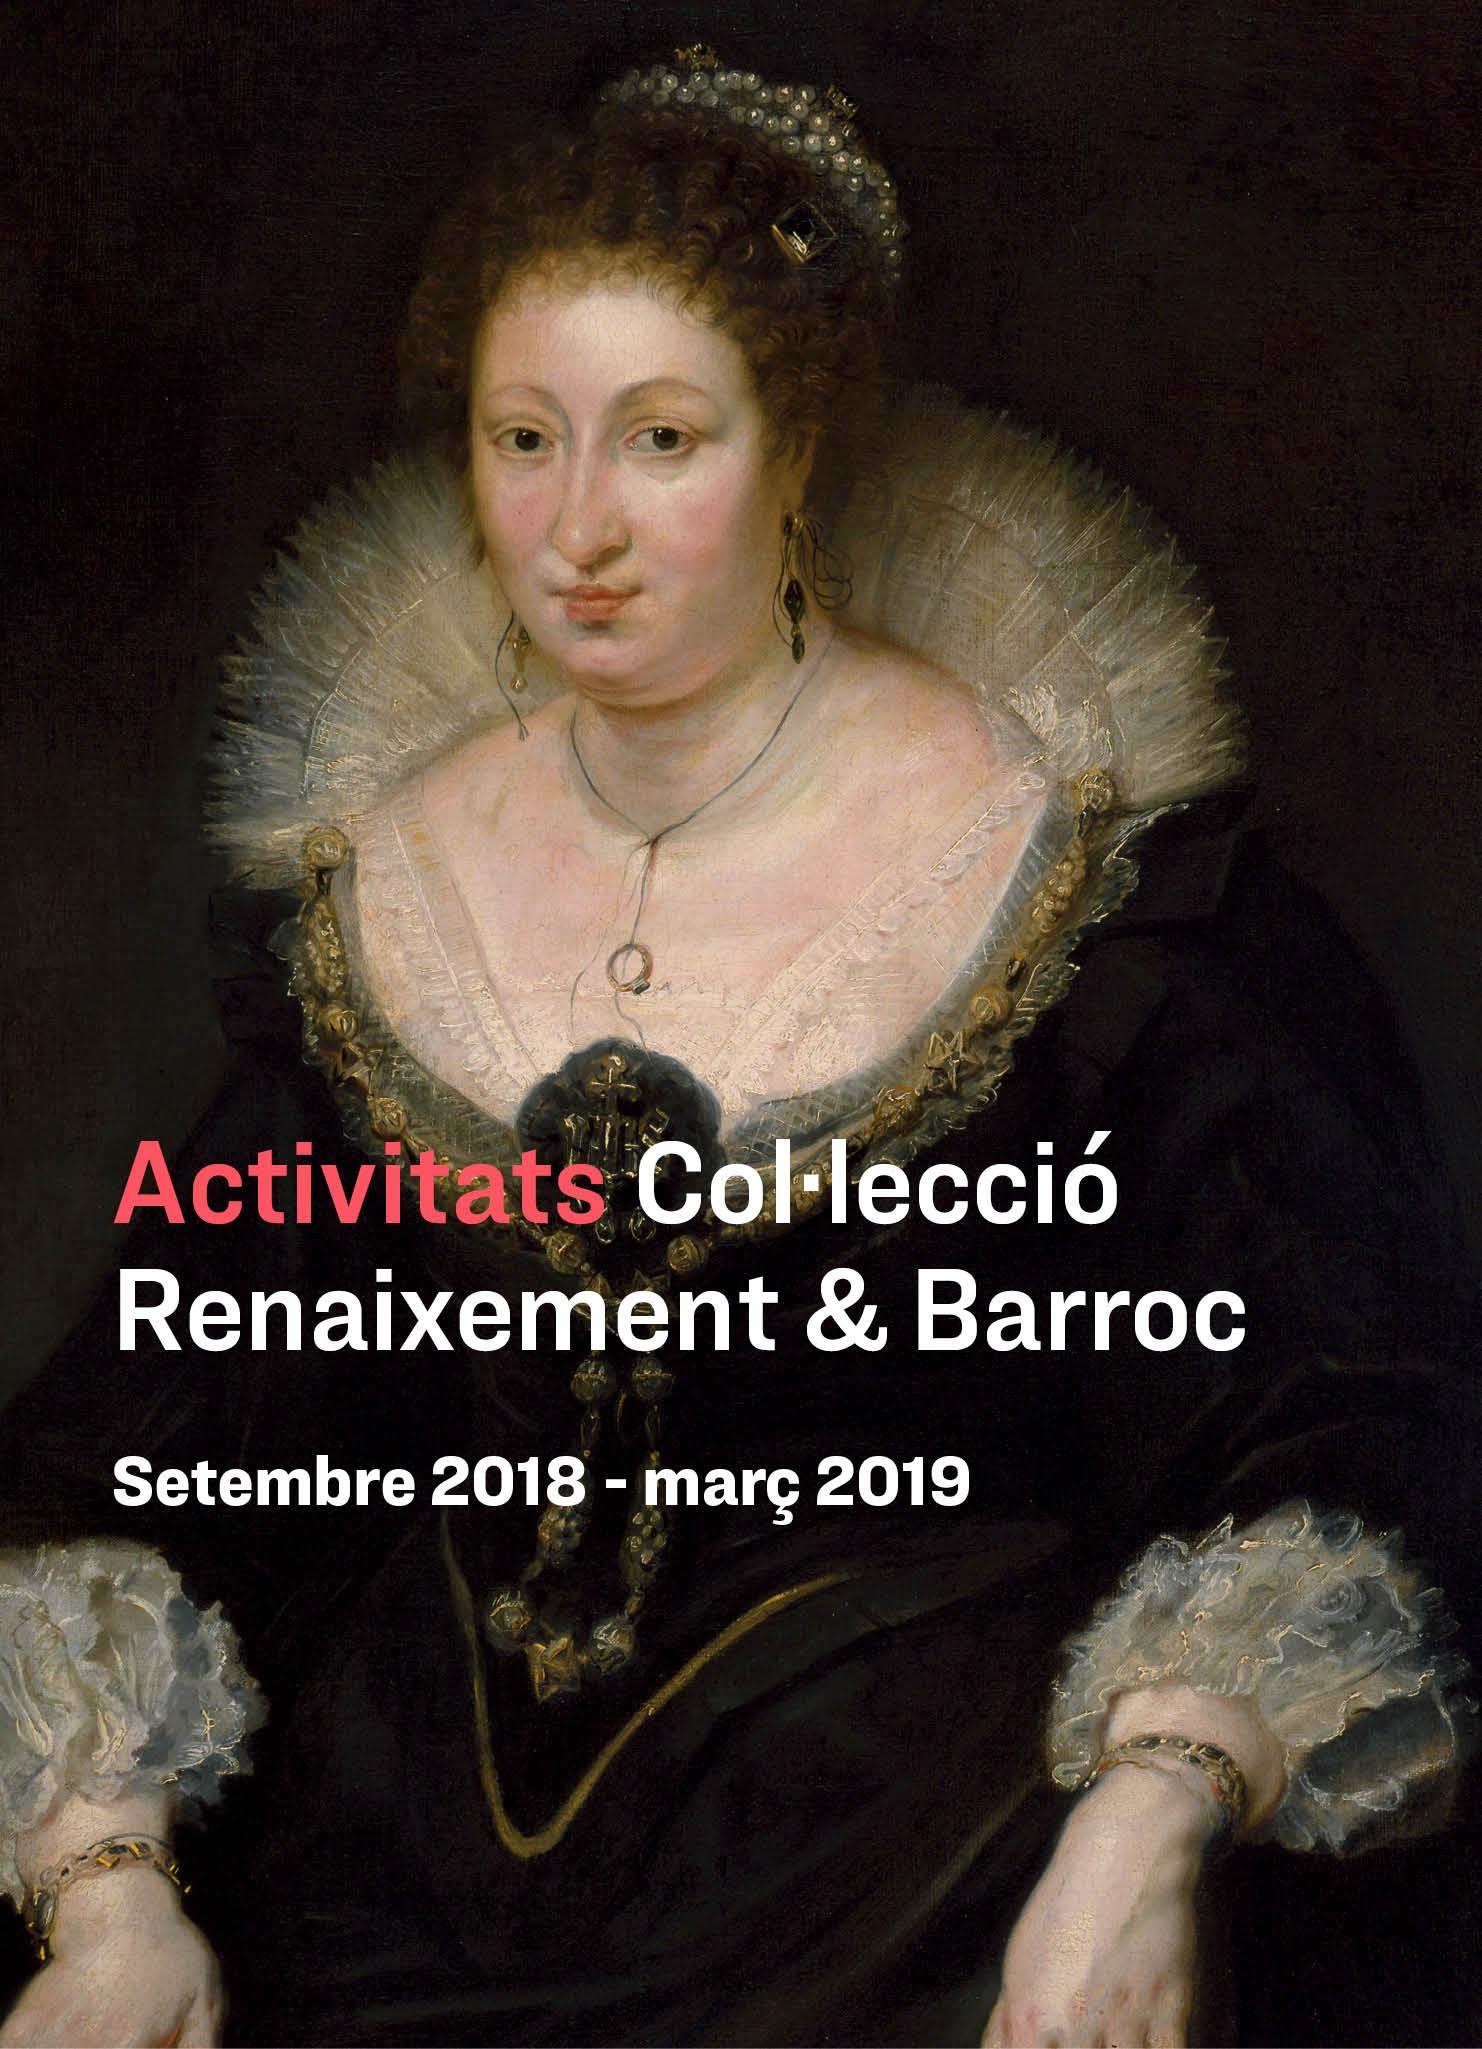 Activitats amb motiu de la nova presentació de Renaixement i barroc